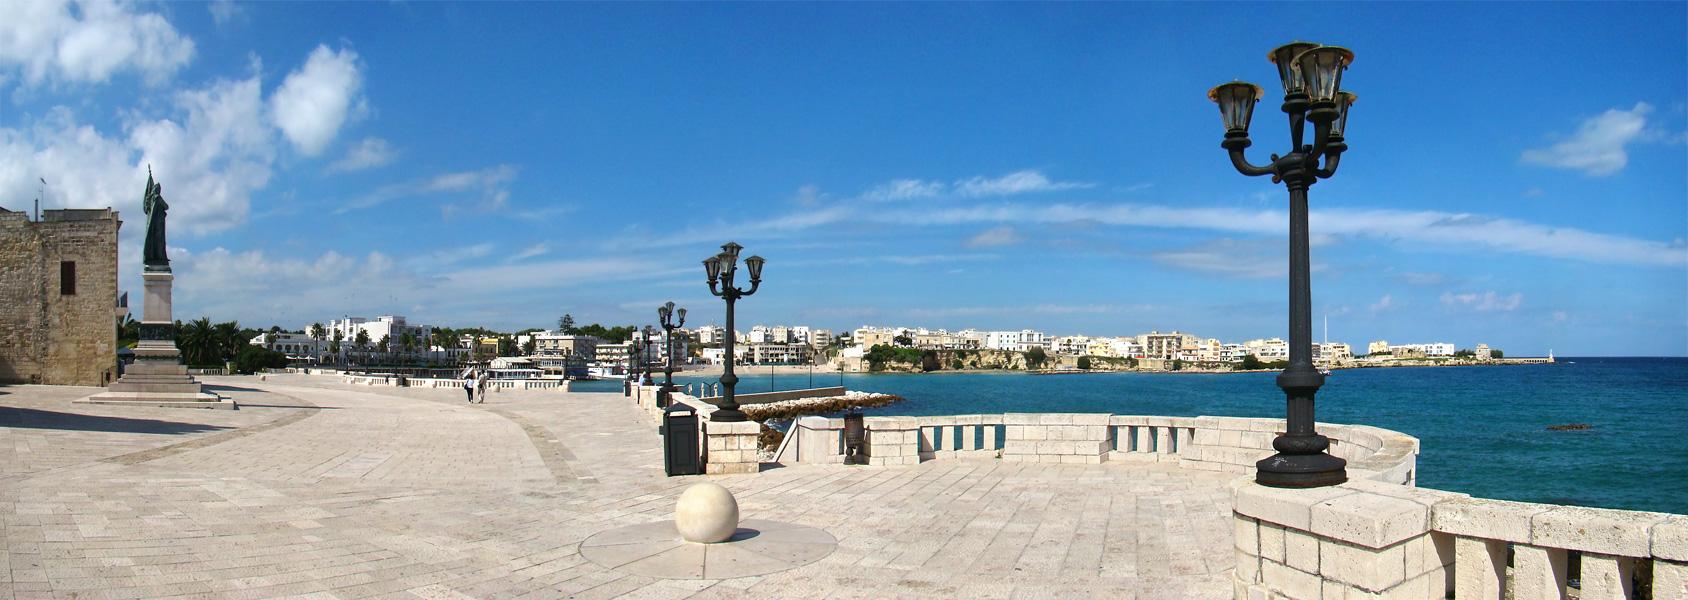 Otranto | Elenco dell'urba di SUD ITALIA